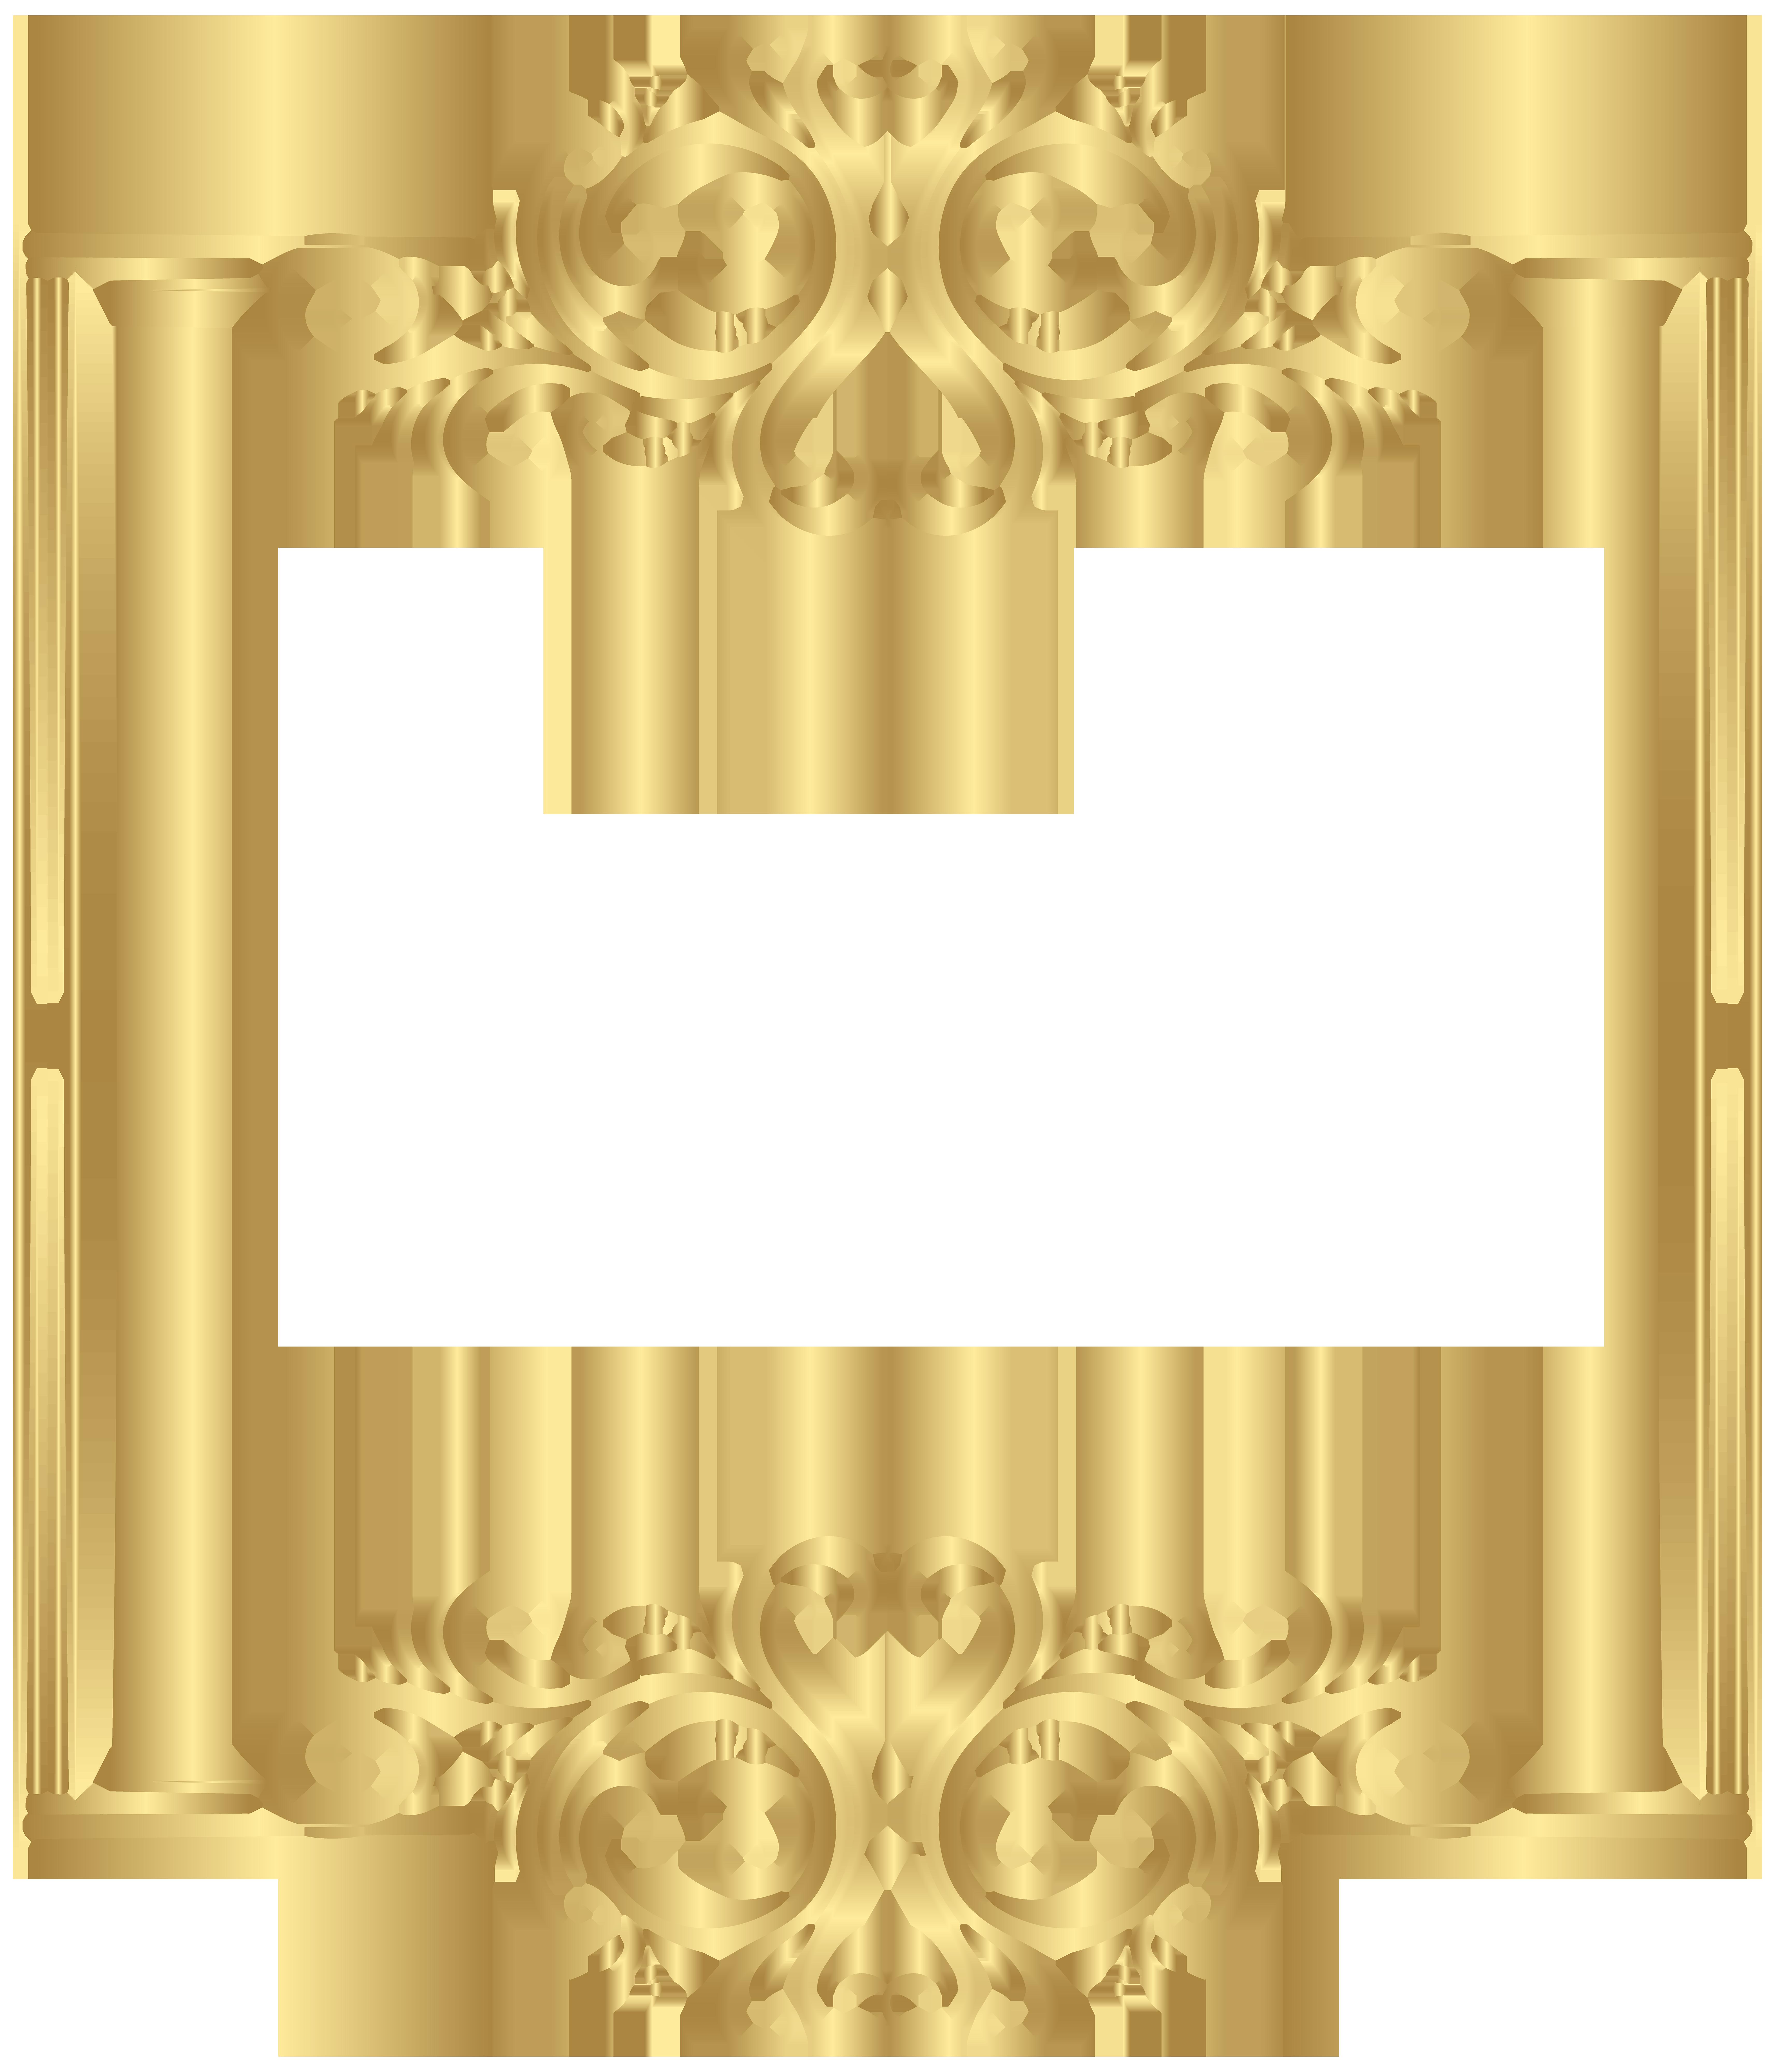 Hills clipart border. Gold frame png clip